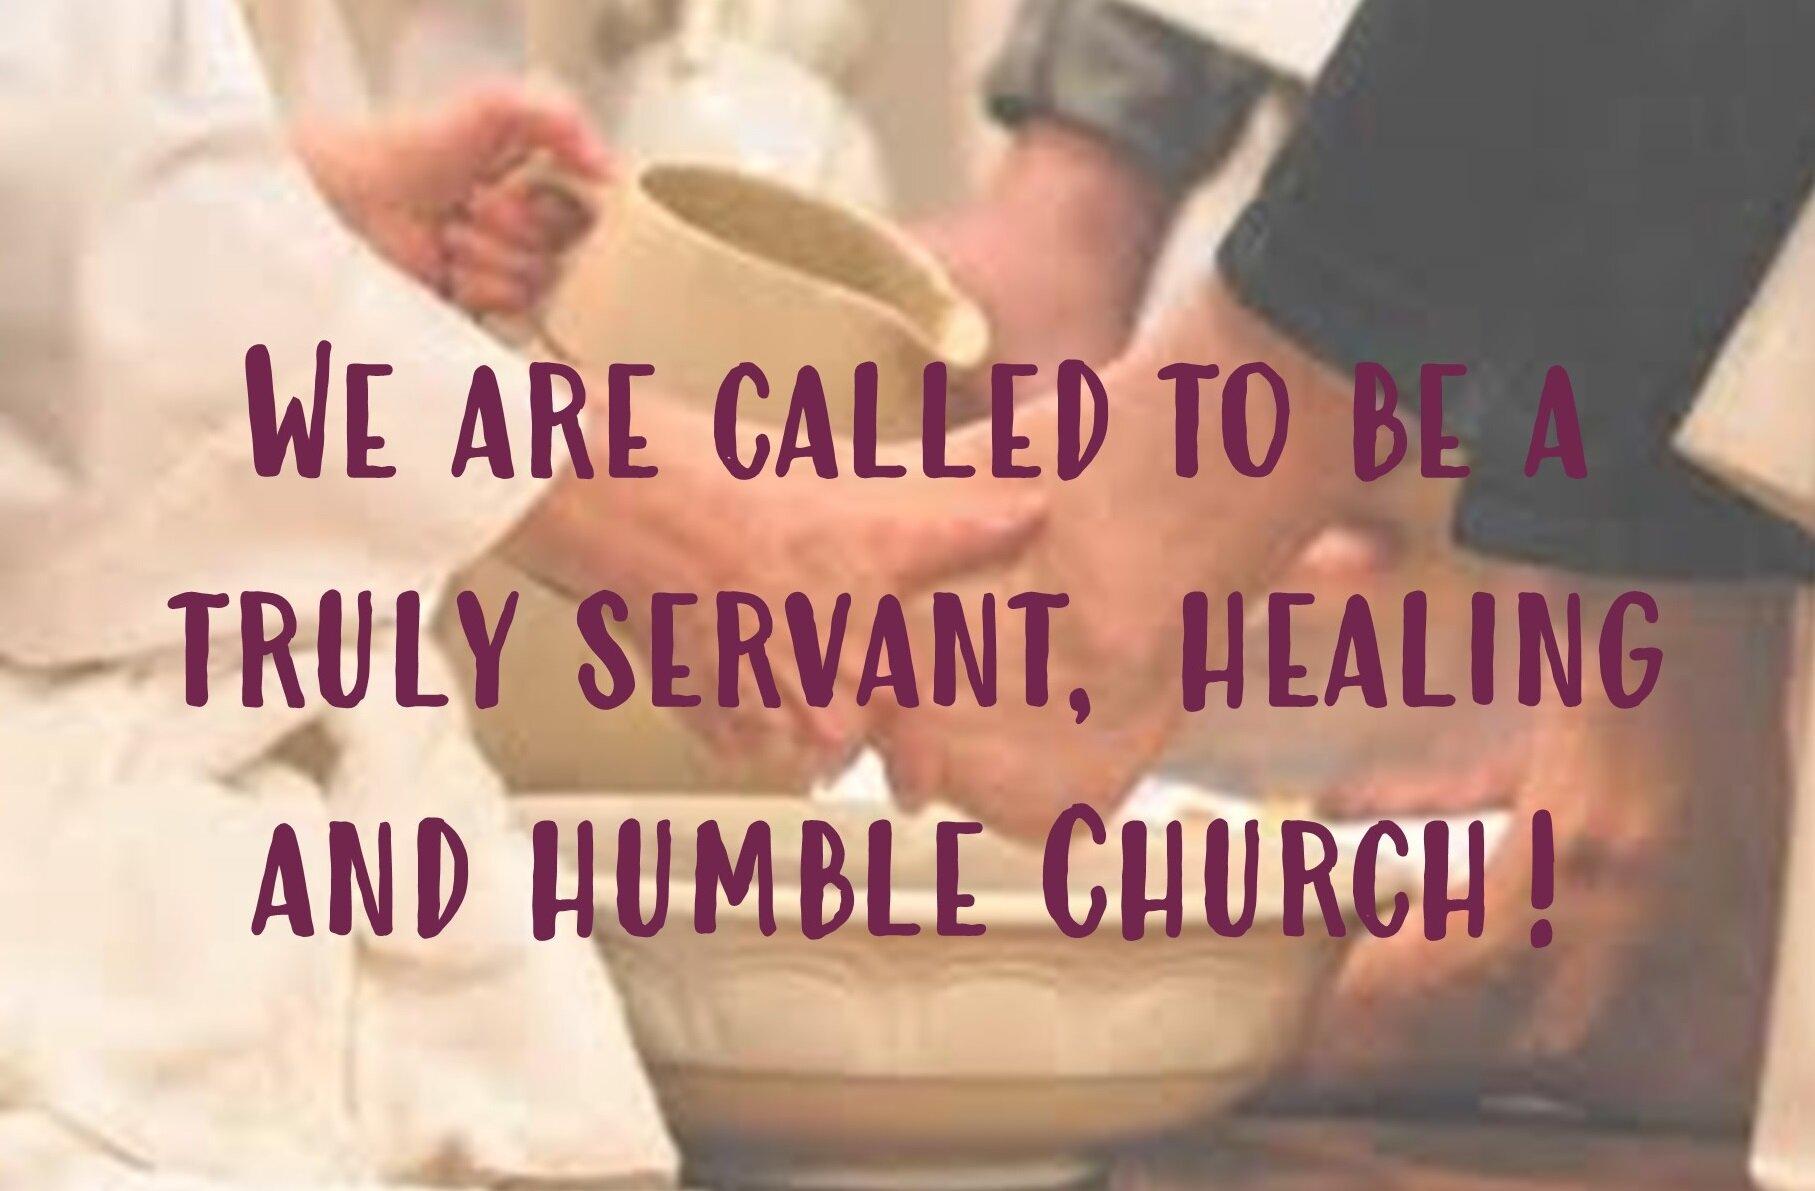 Humble Church.jpg